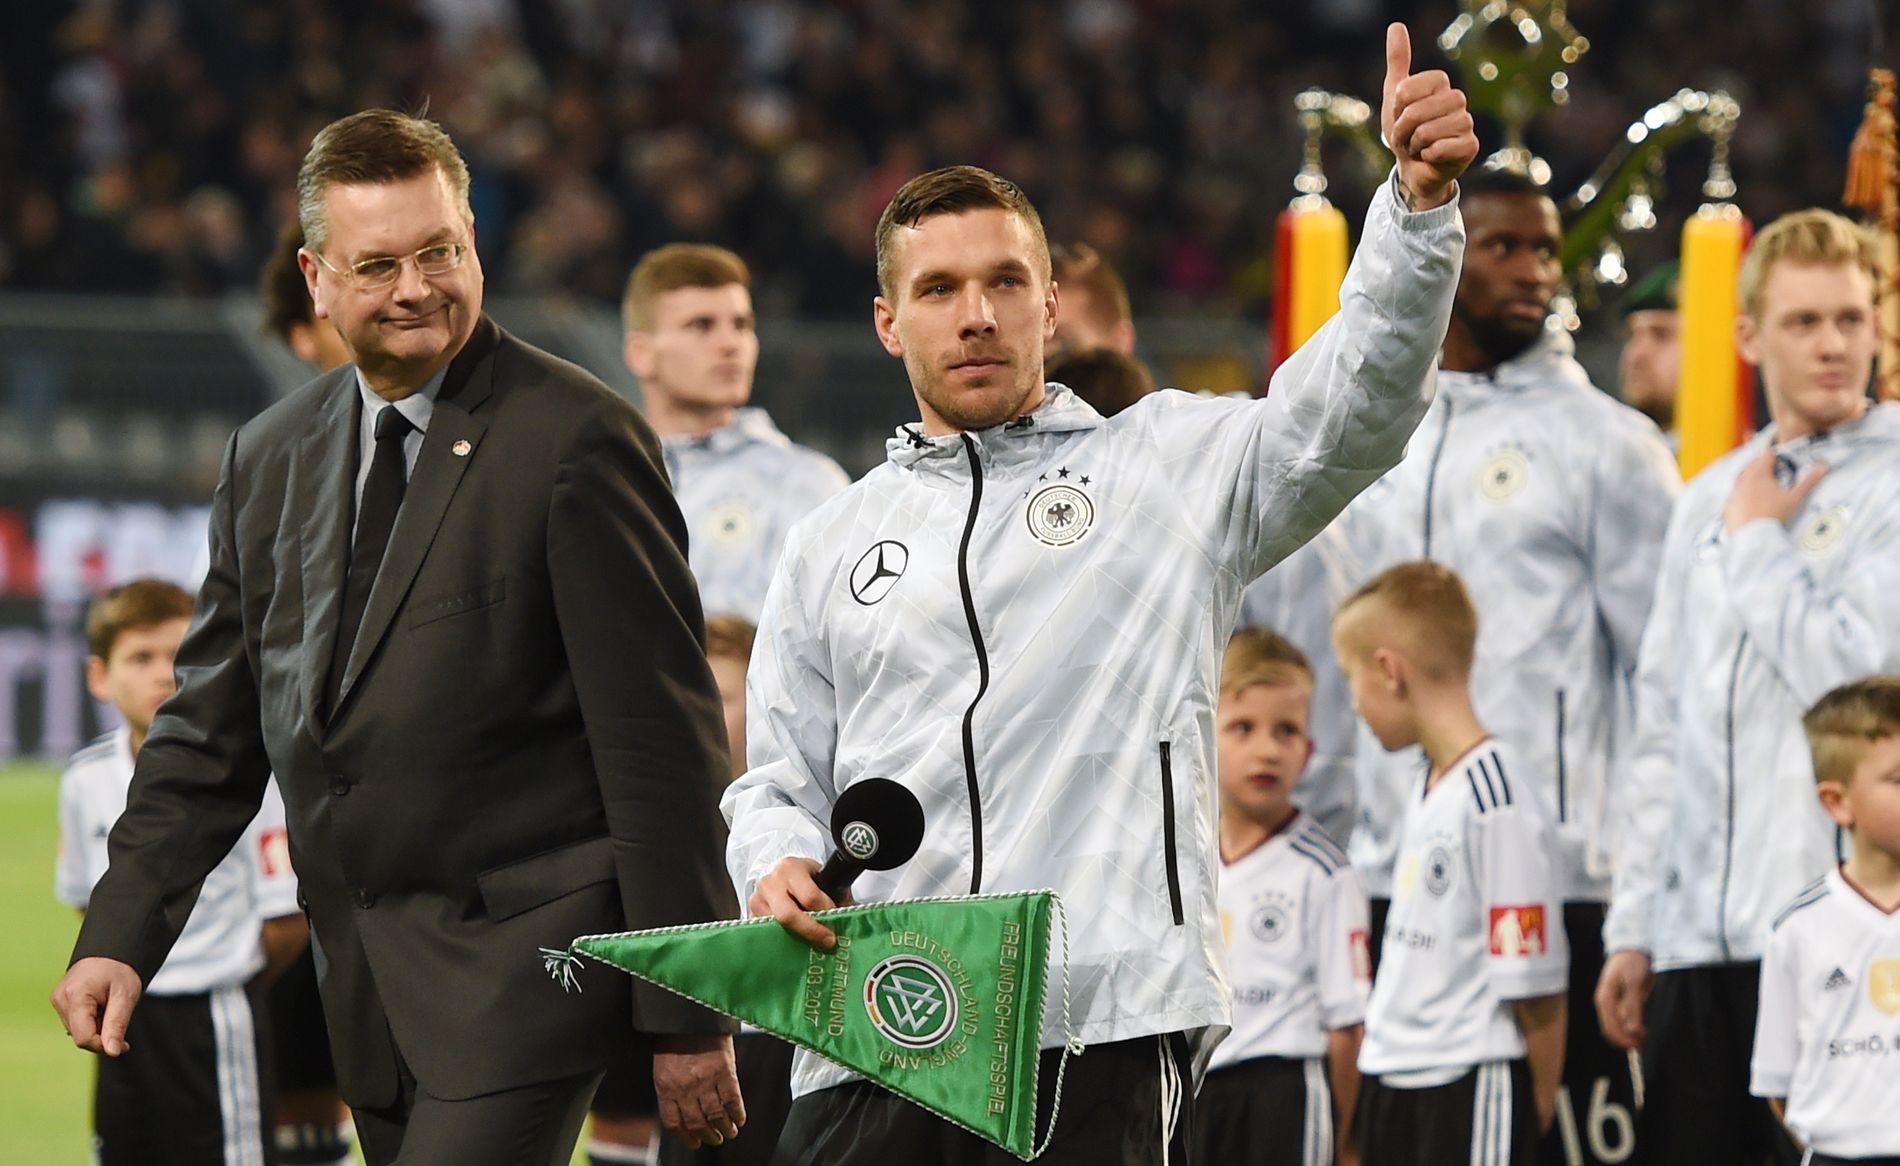 VELFORTJENT HYLLEST: Lukas Podolski fikk sin velfortjente hyllest før kampen.